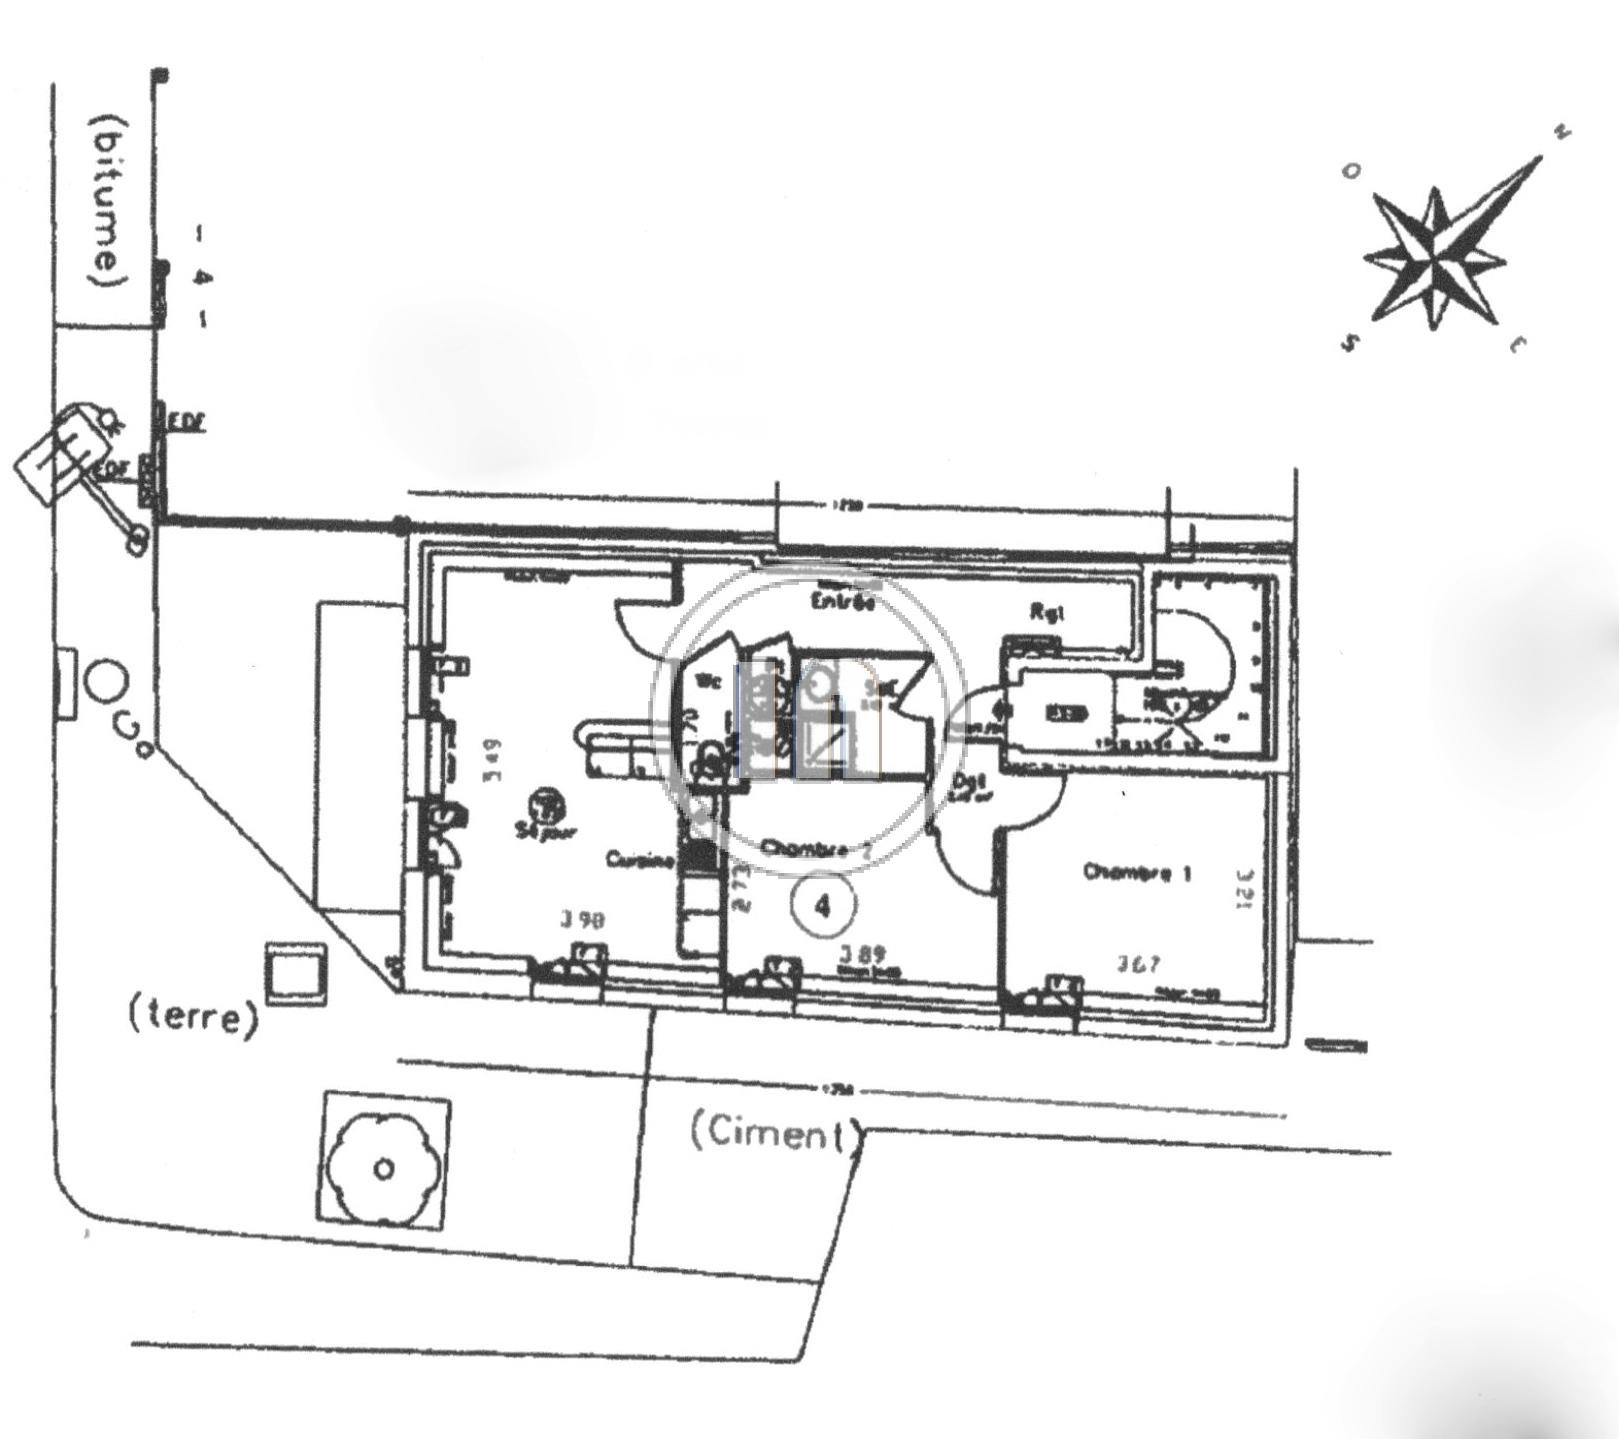 Beau 3 pièces avec 2 chambres, une cave